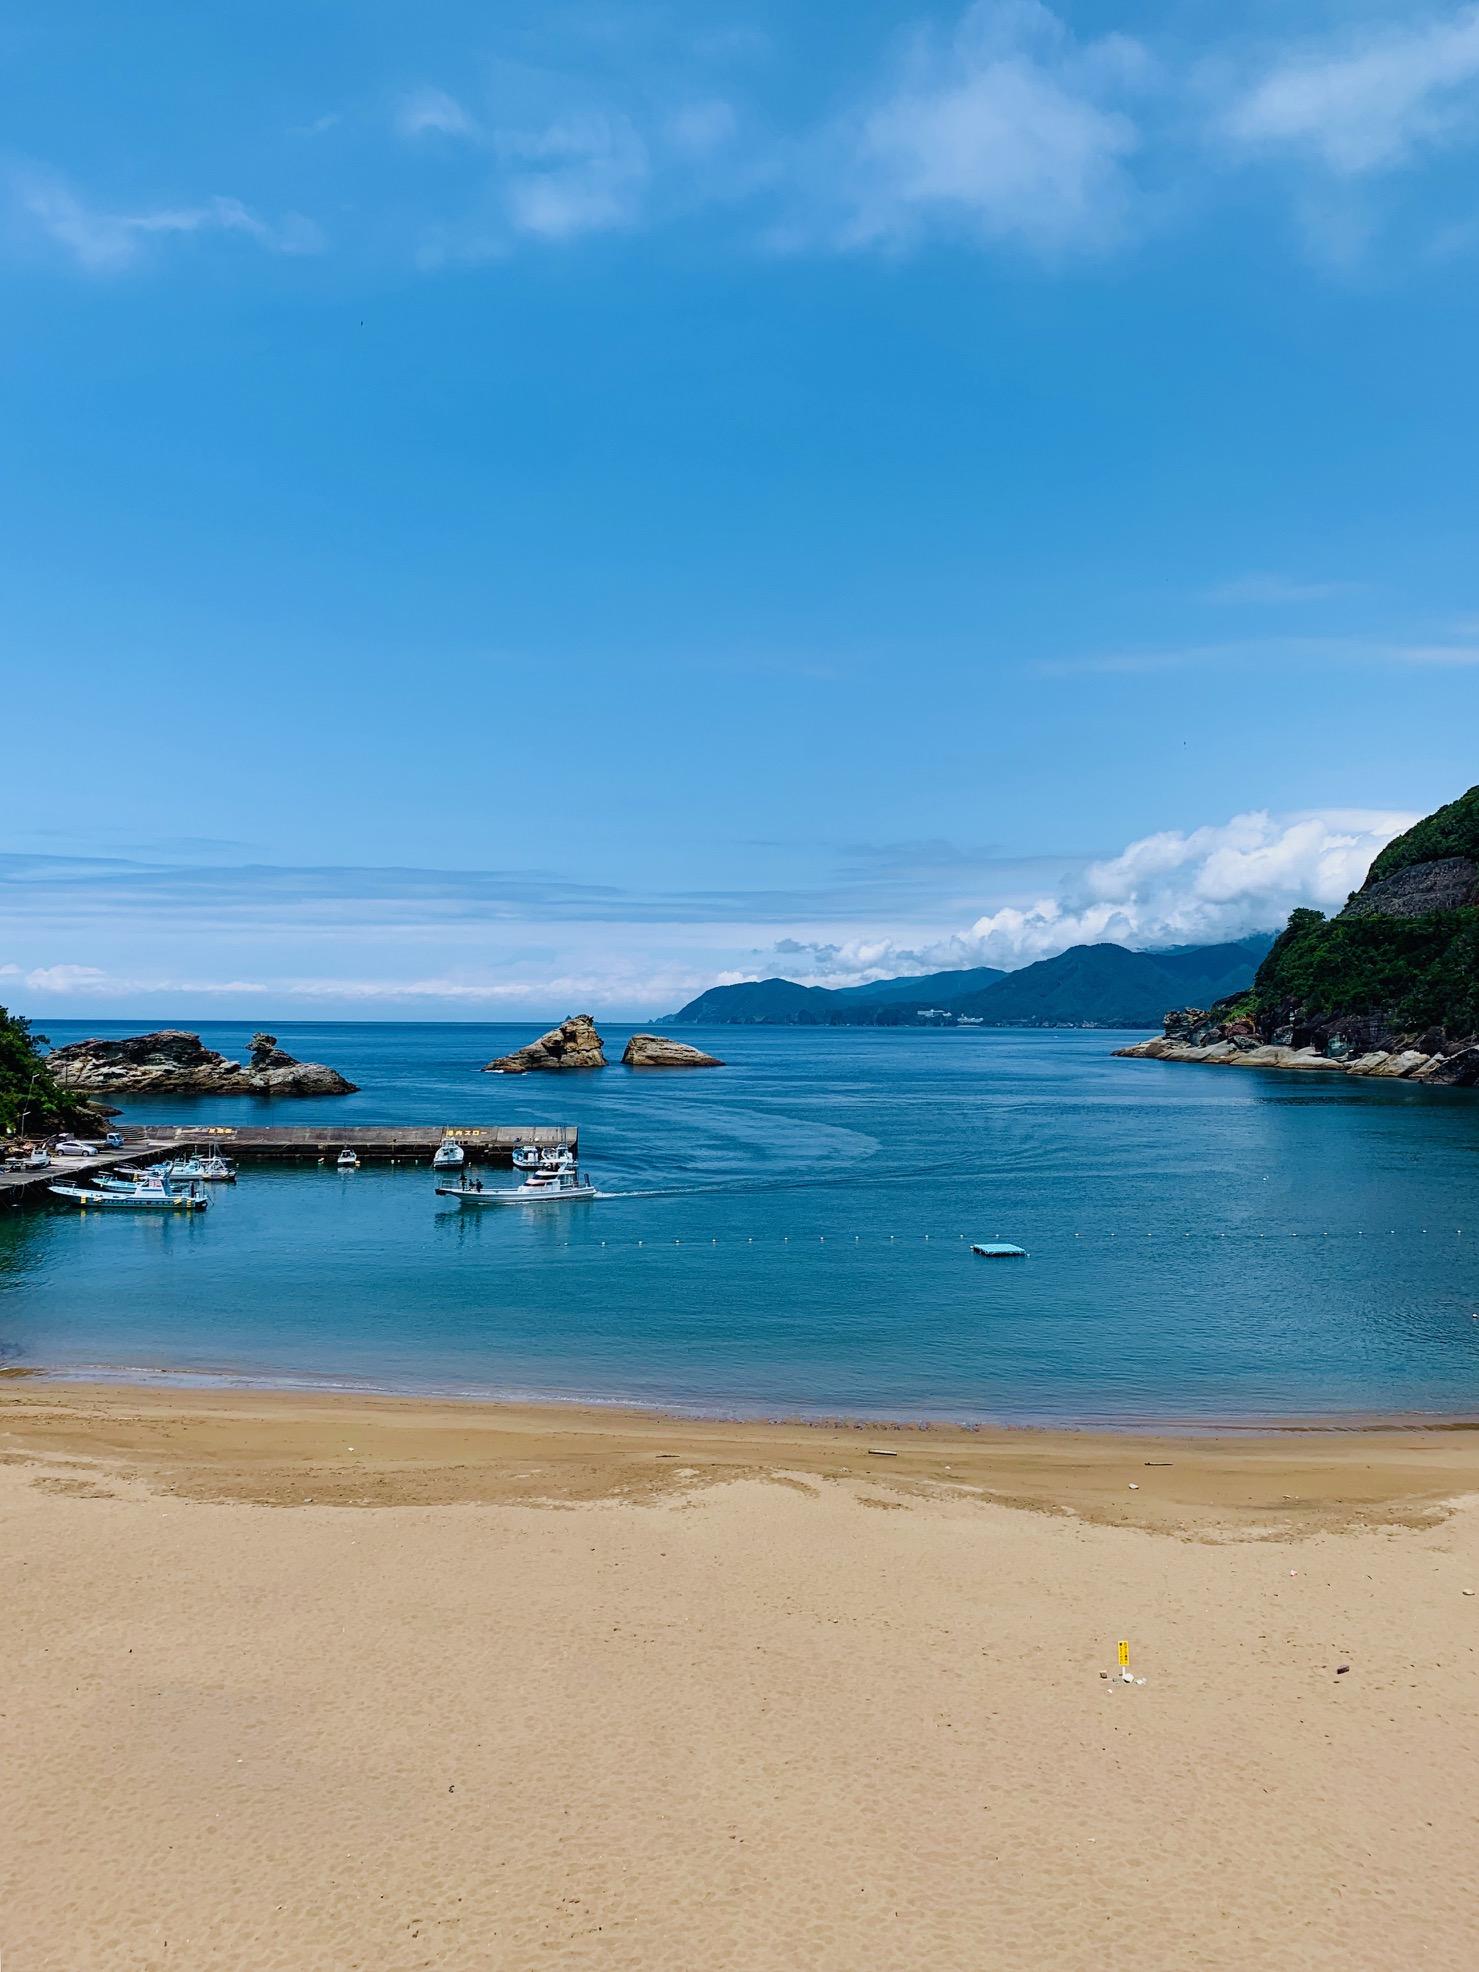 【雲見海岸】いよいよ海水浴シーズン